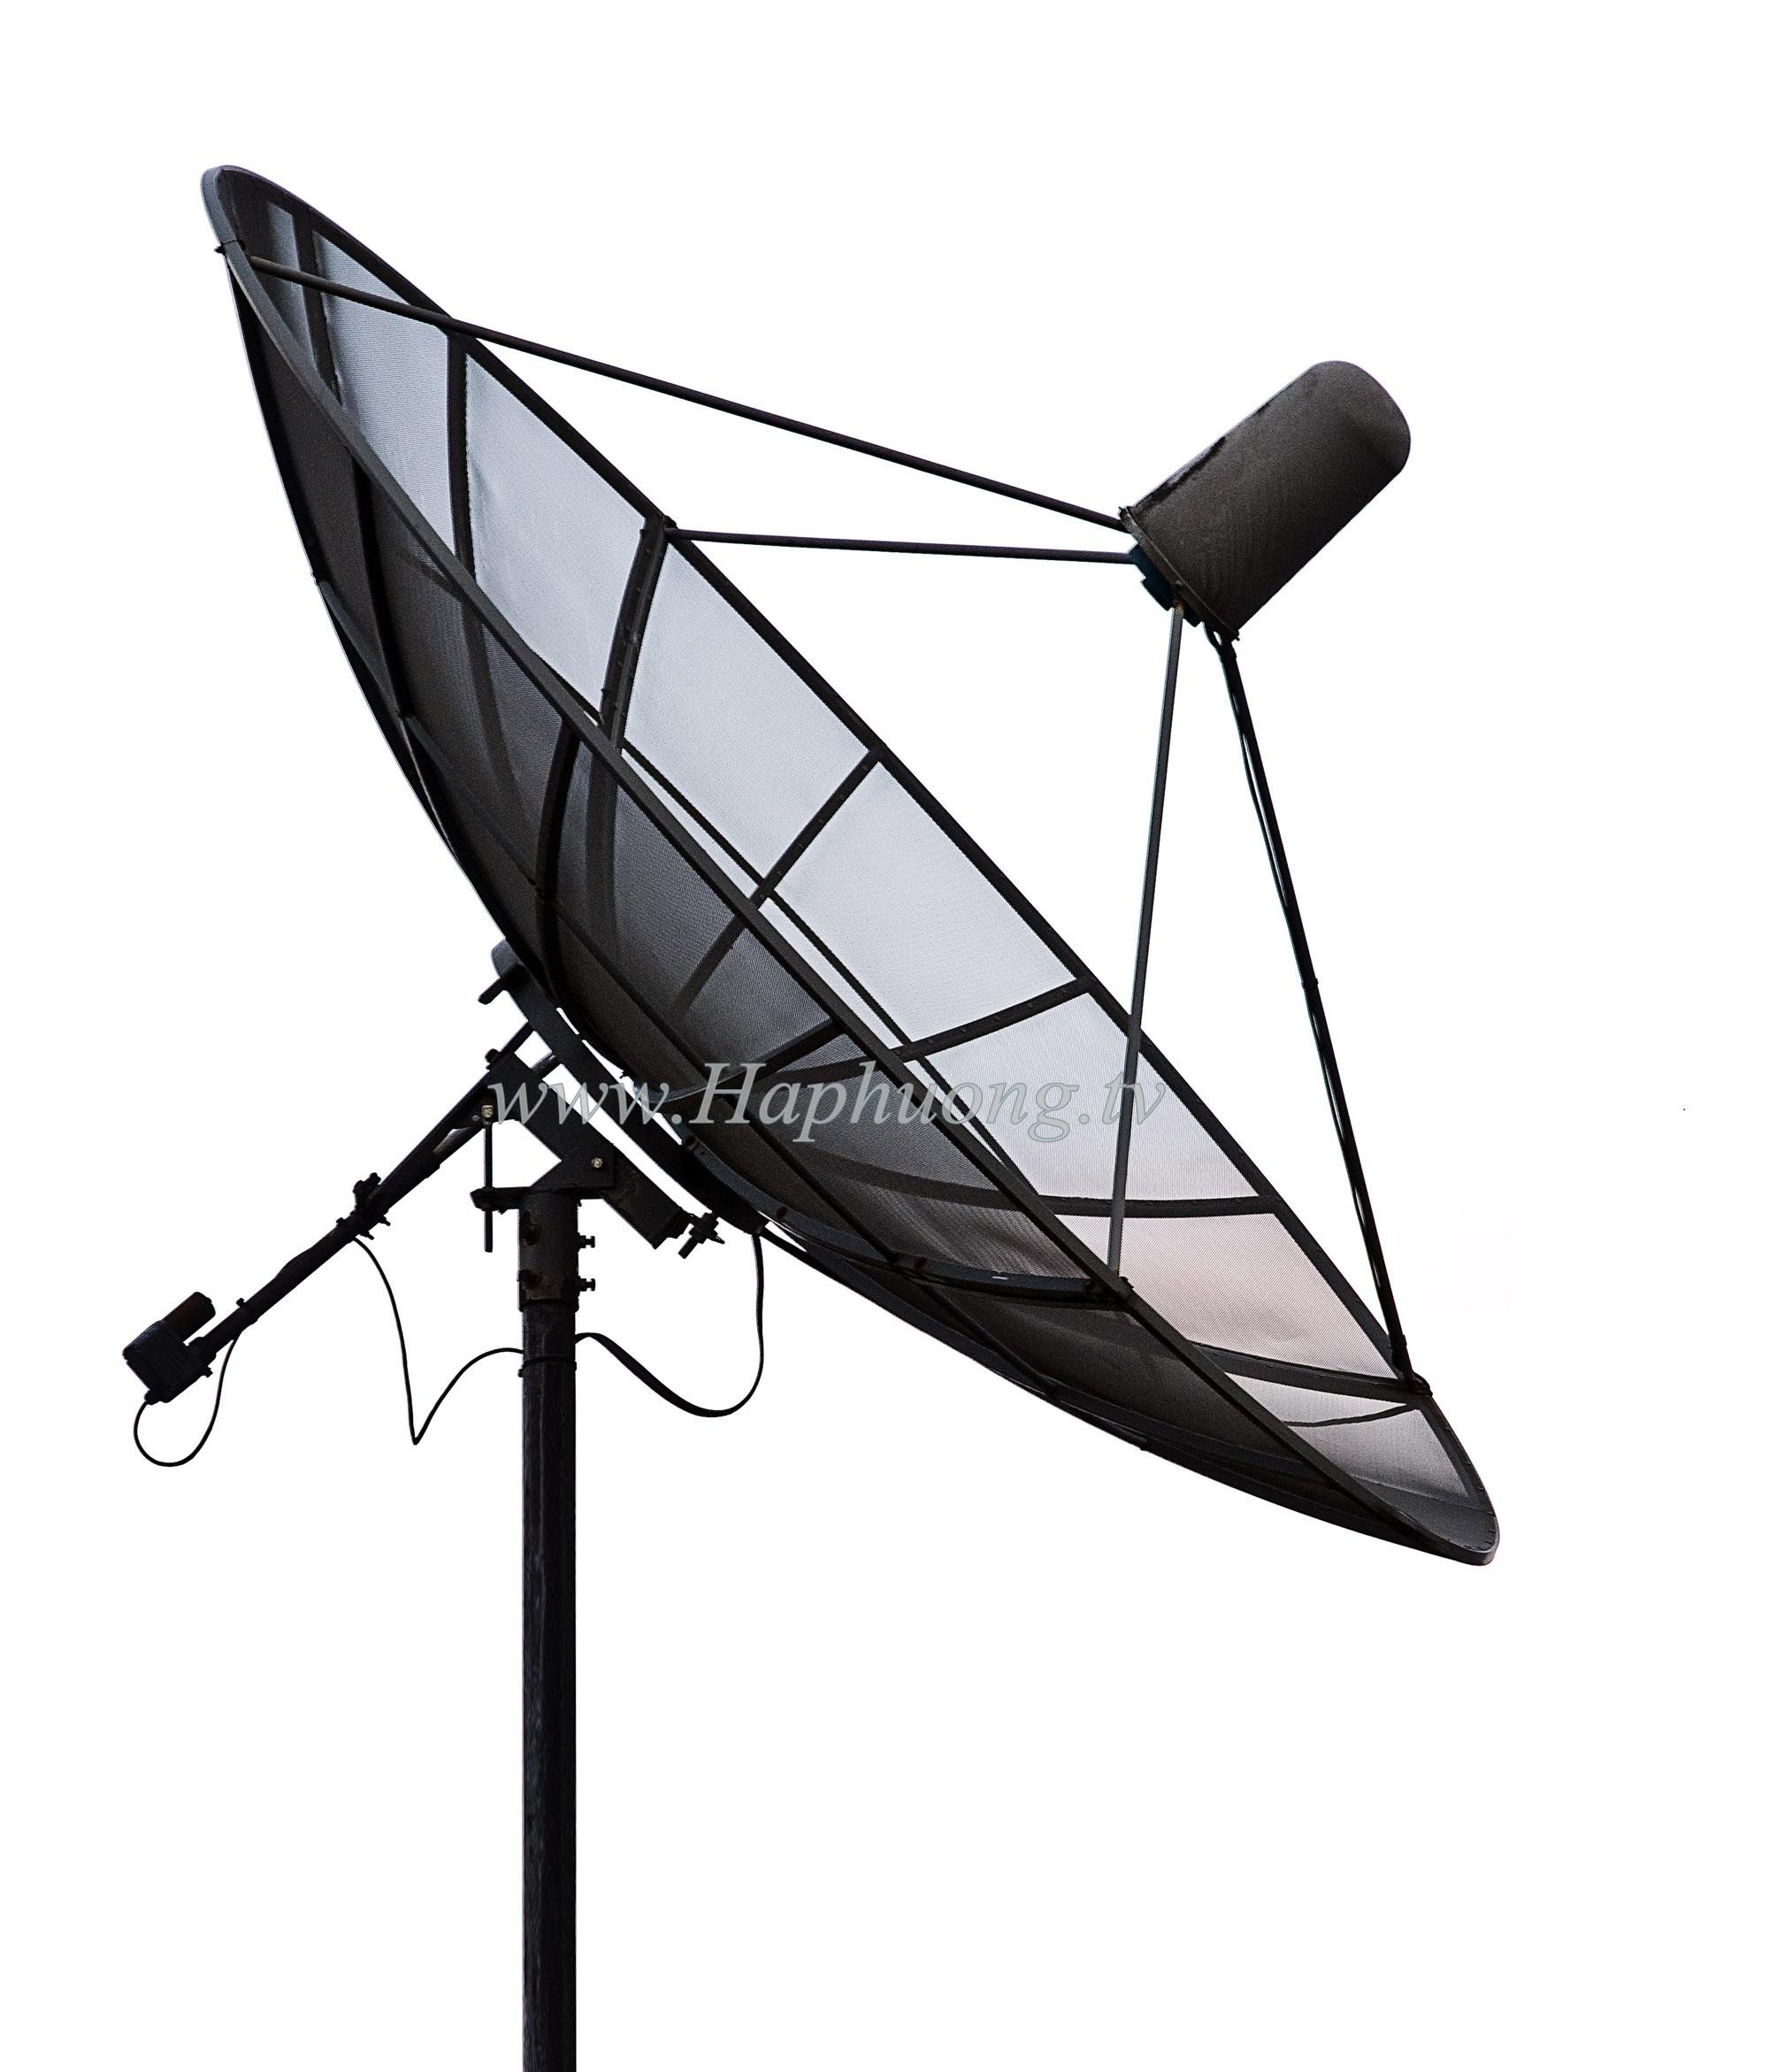 Anten Parabol Comstar 3m - ST 10